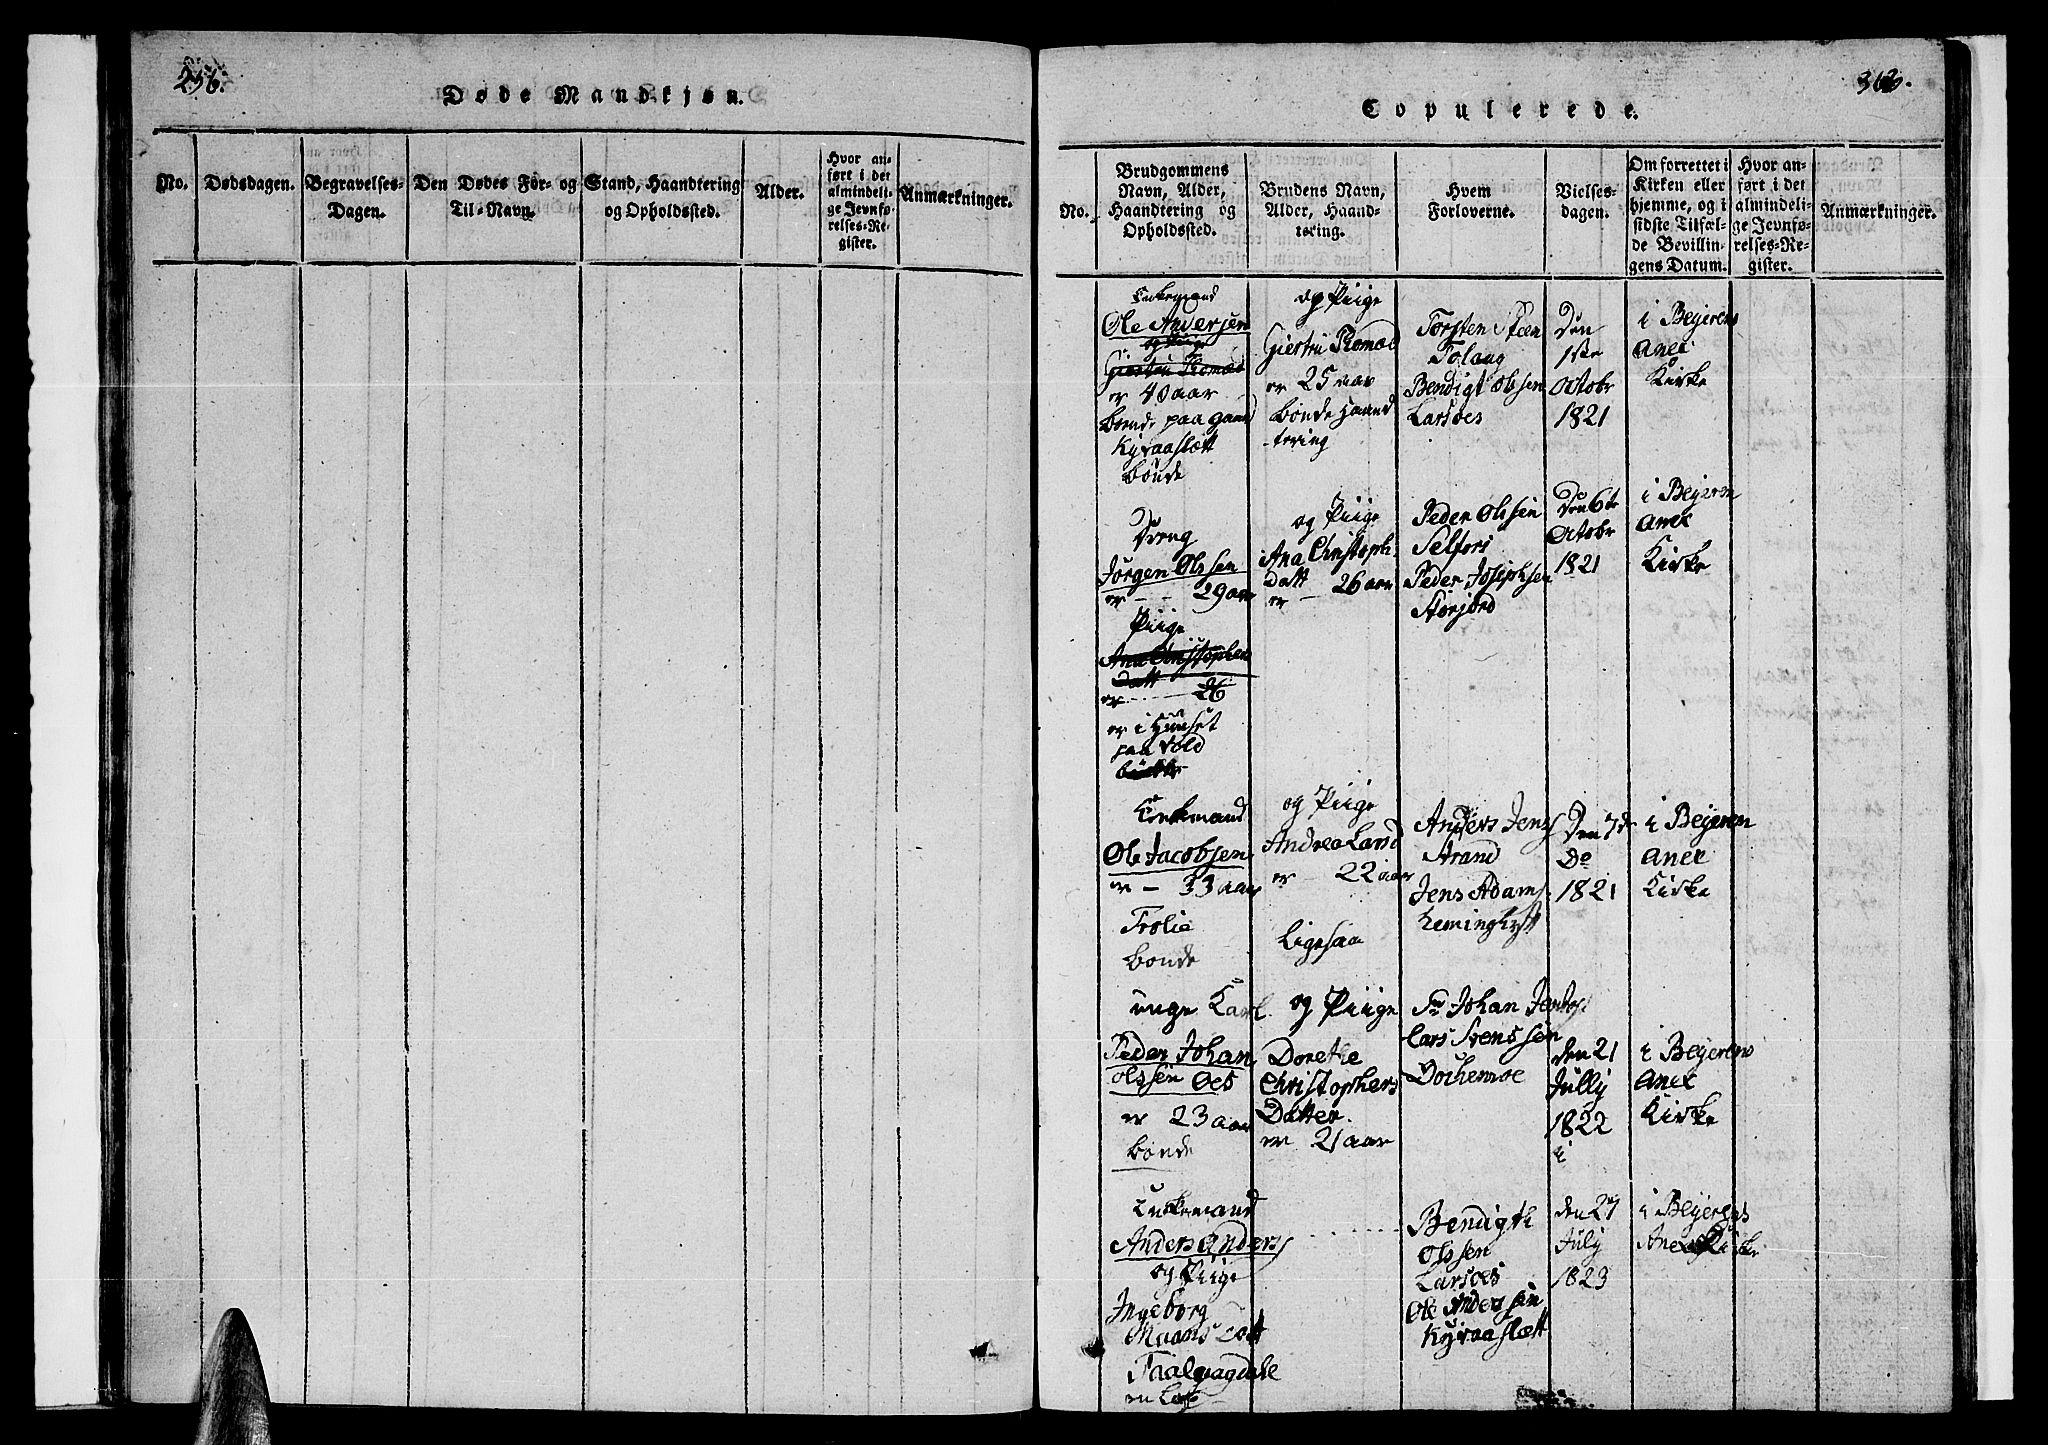 SAT, Ministerialprotokoller, klokkerbøker og fødselsregistre - Nordland, 846/L0651: Parish register (copy) no. 846C01, 1821-1841, p. 362-363